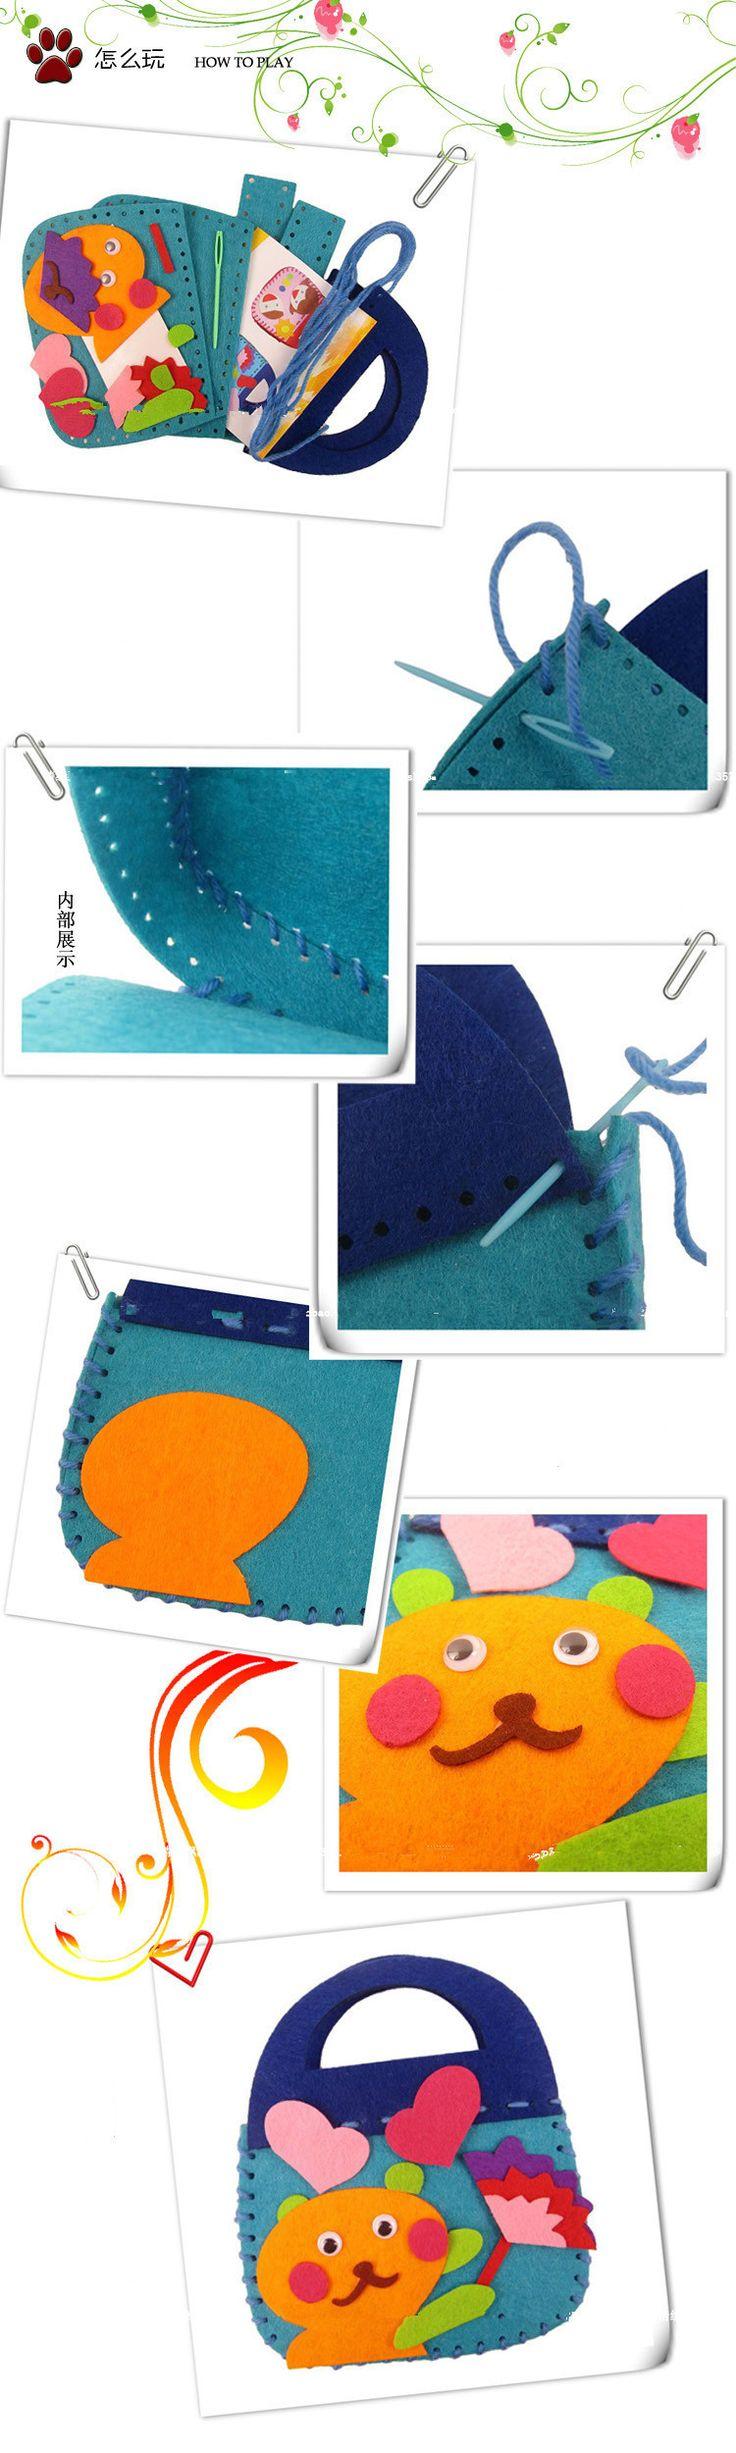 Aliexpress.com: Comprar 5 unids/lote hacer bolsos hechos a mano fieltro no tejido paño de tela Kit muchacha de los cabritos de arte y artesanía juguetes para los niños de bolsos florales fiable proveedores en YINGXUAN TOYS RETAILS & WHOLESALE